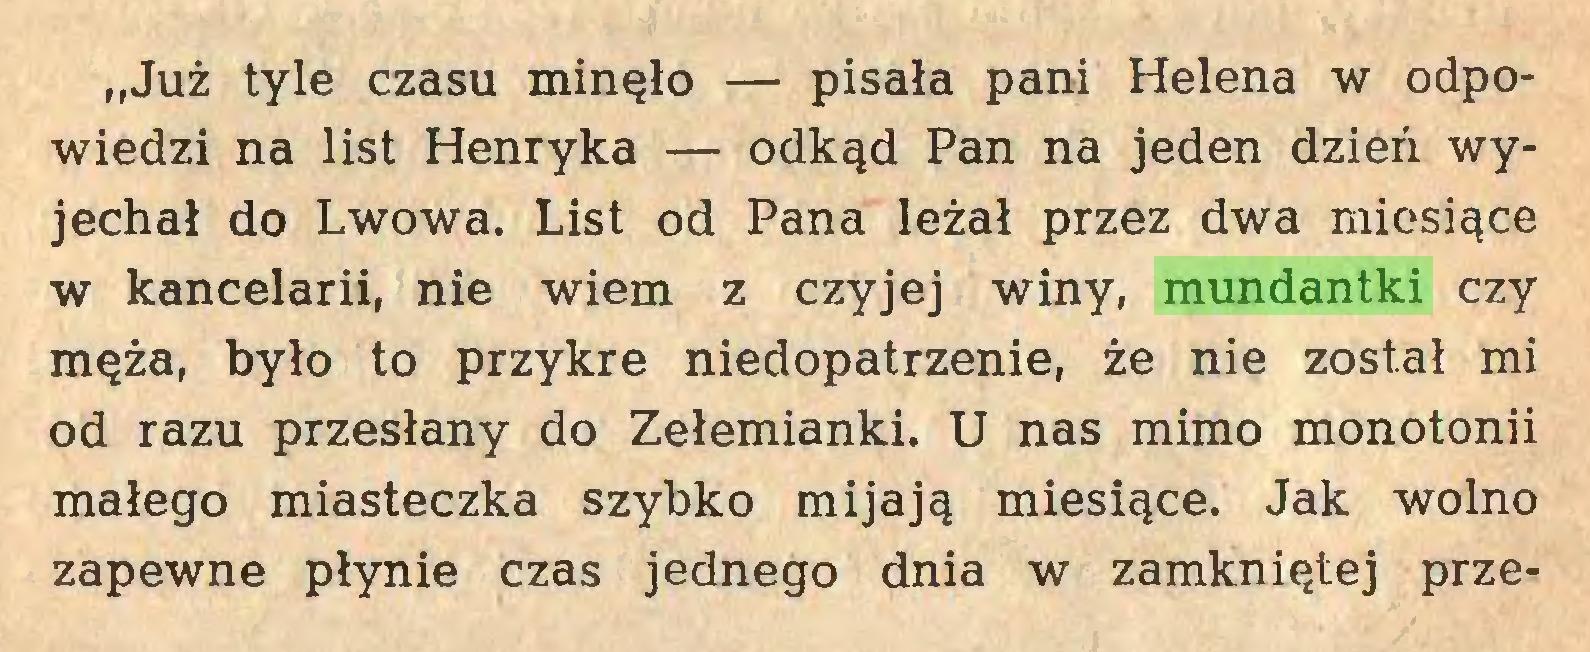 """(...) """"Już tyle czasu minęło — pisała pani Helena w odpowiedzi na list Henryka — odkąd Pan na jeden dzień wyjechał do Lwowa. List od Pana leżał przez dwa miesiące w kancelarii, nie wiem z czyjej winy, mundantki czy męża, było to przykre niedopatrzenie, że nie został mi od razu przesłany do Zełemianki. U nas mimo monotonii małego miasteczka szybko mijają miesiące. Jak wolno zapewne płynie czas jednego dnia w zamkniętej prze..."""